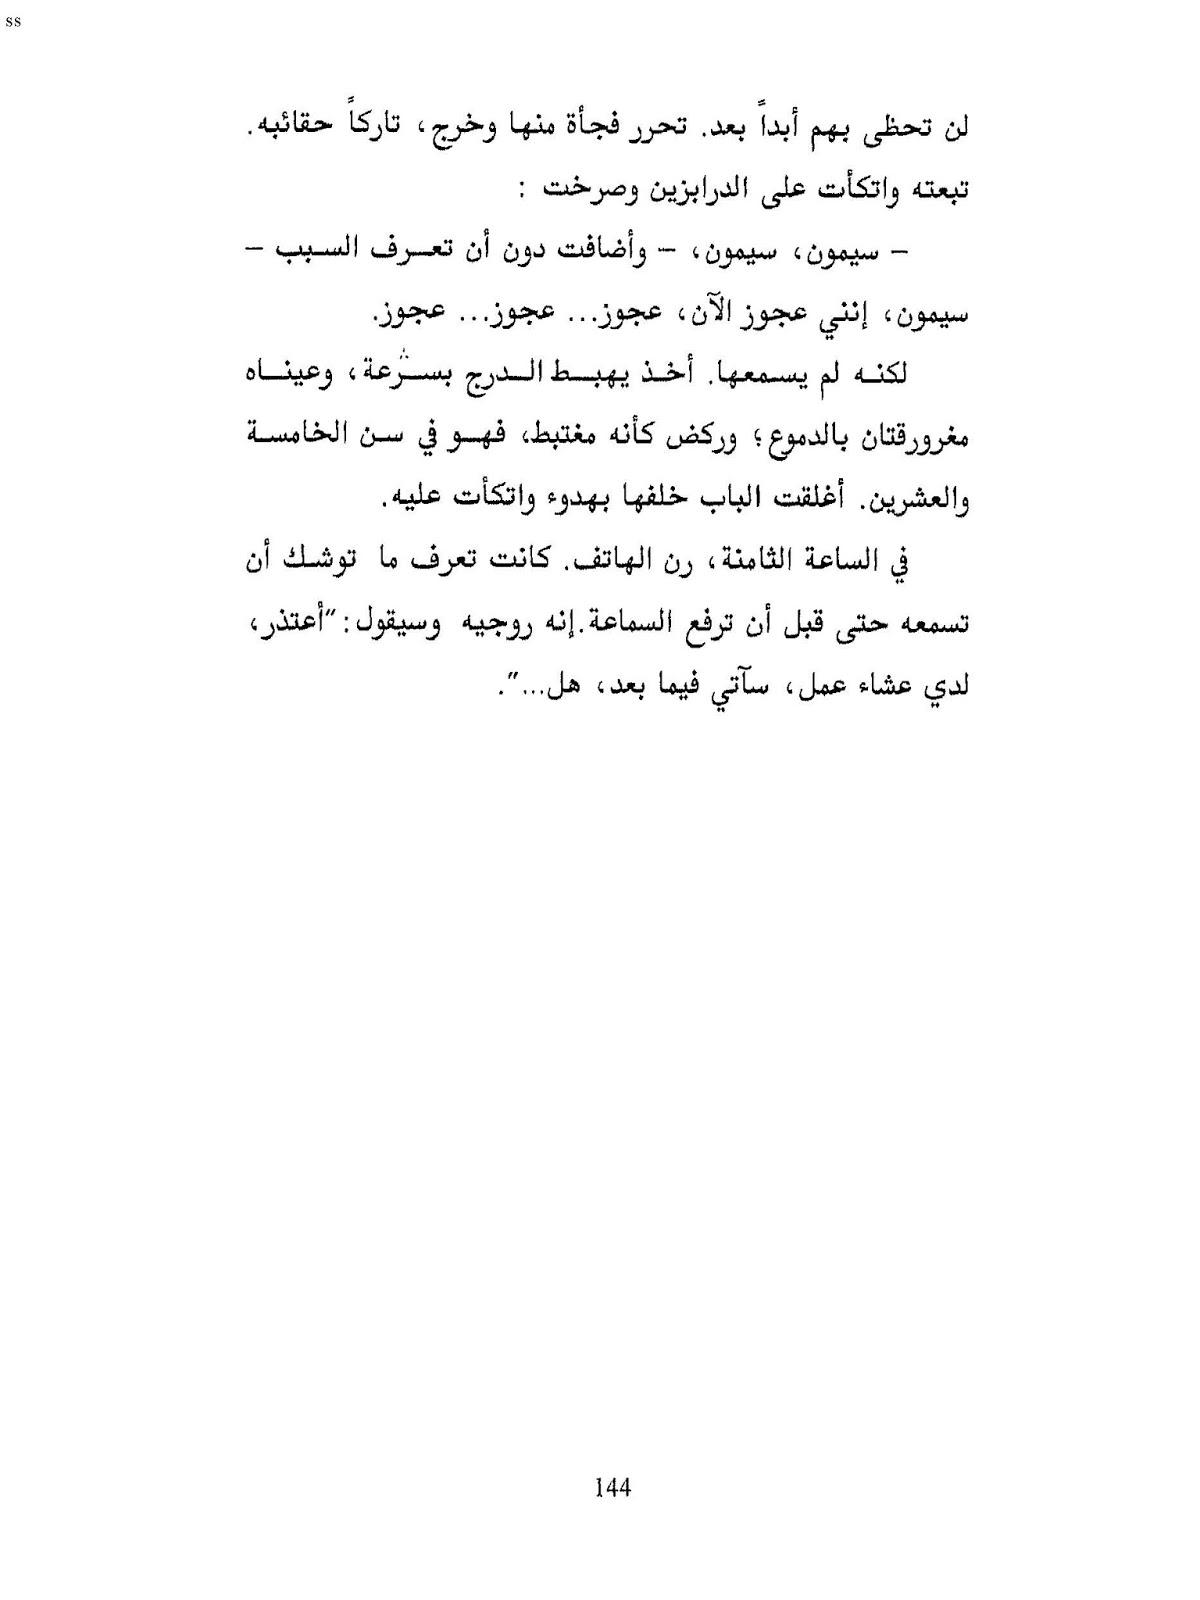 0bb82 144 - تحميل رواية امراة عند حافة الأربعين pdf لـ فرانسواز ساغان